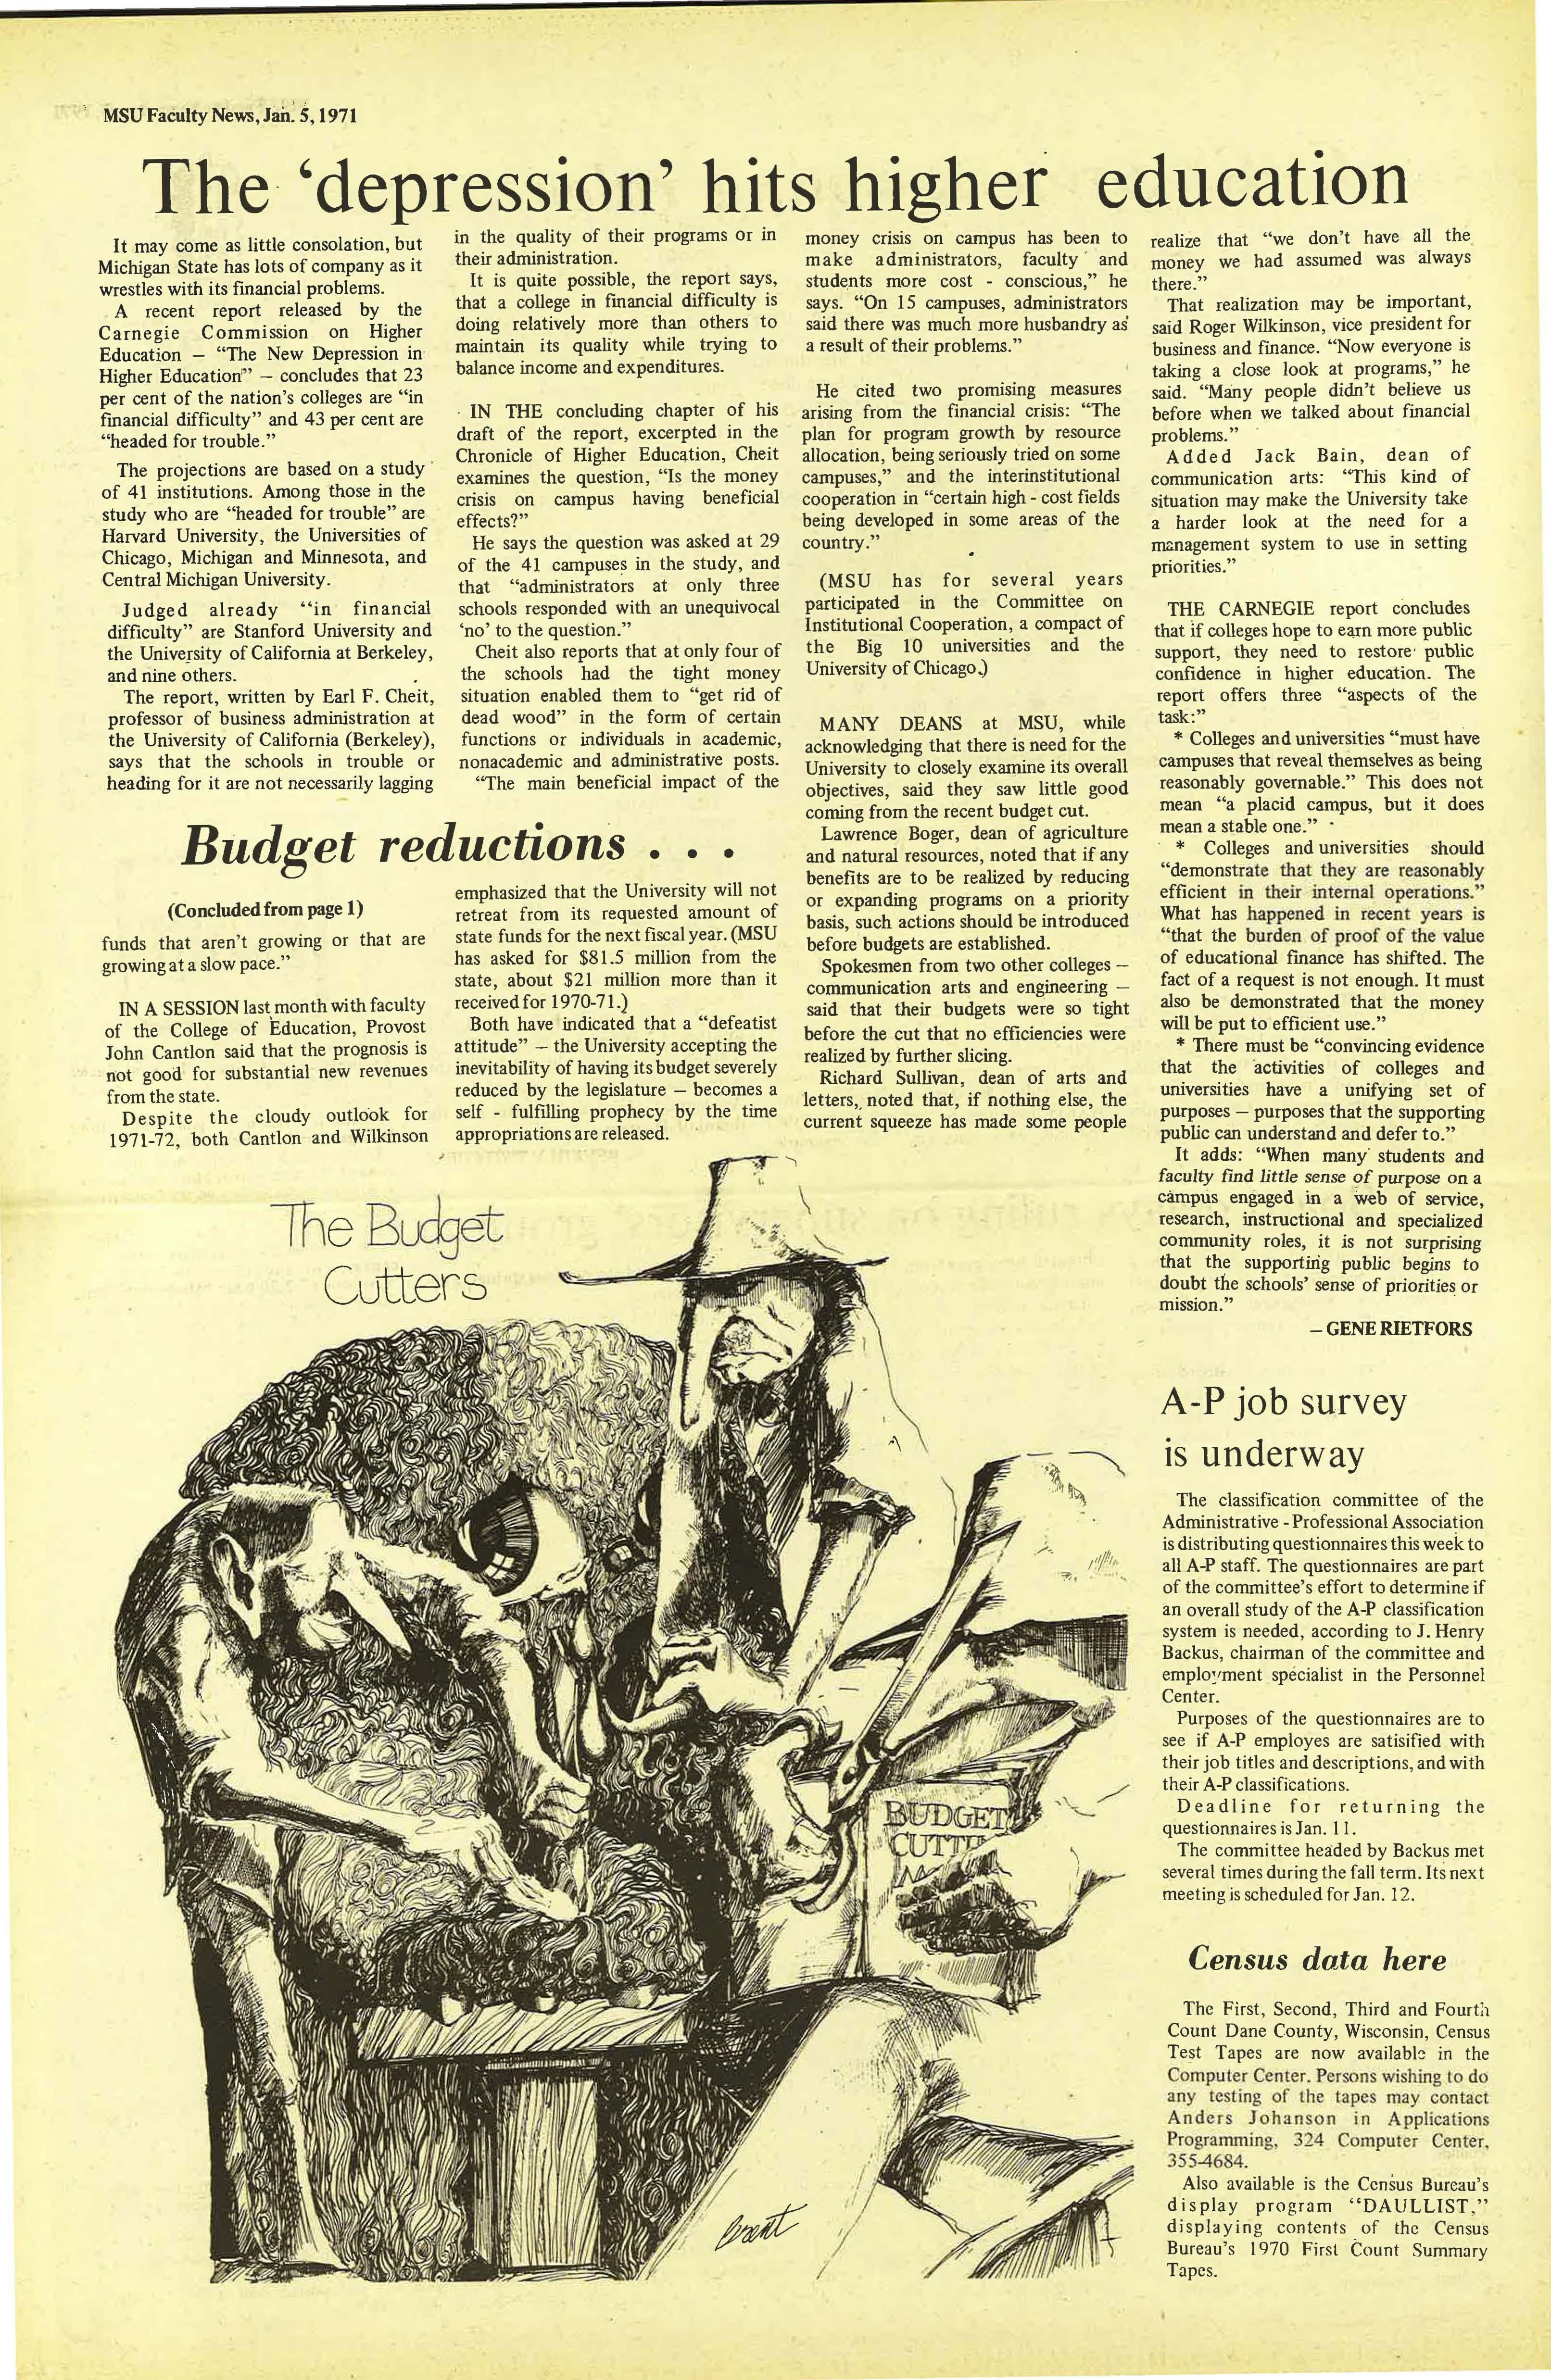 MSU News Bulletin, vol. 2, No. 24, April 22, 1971